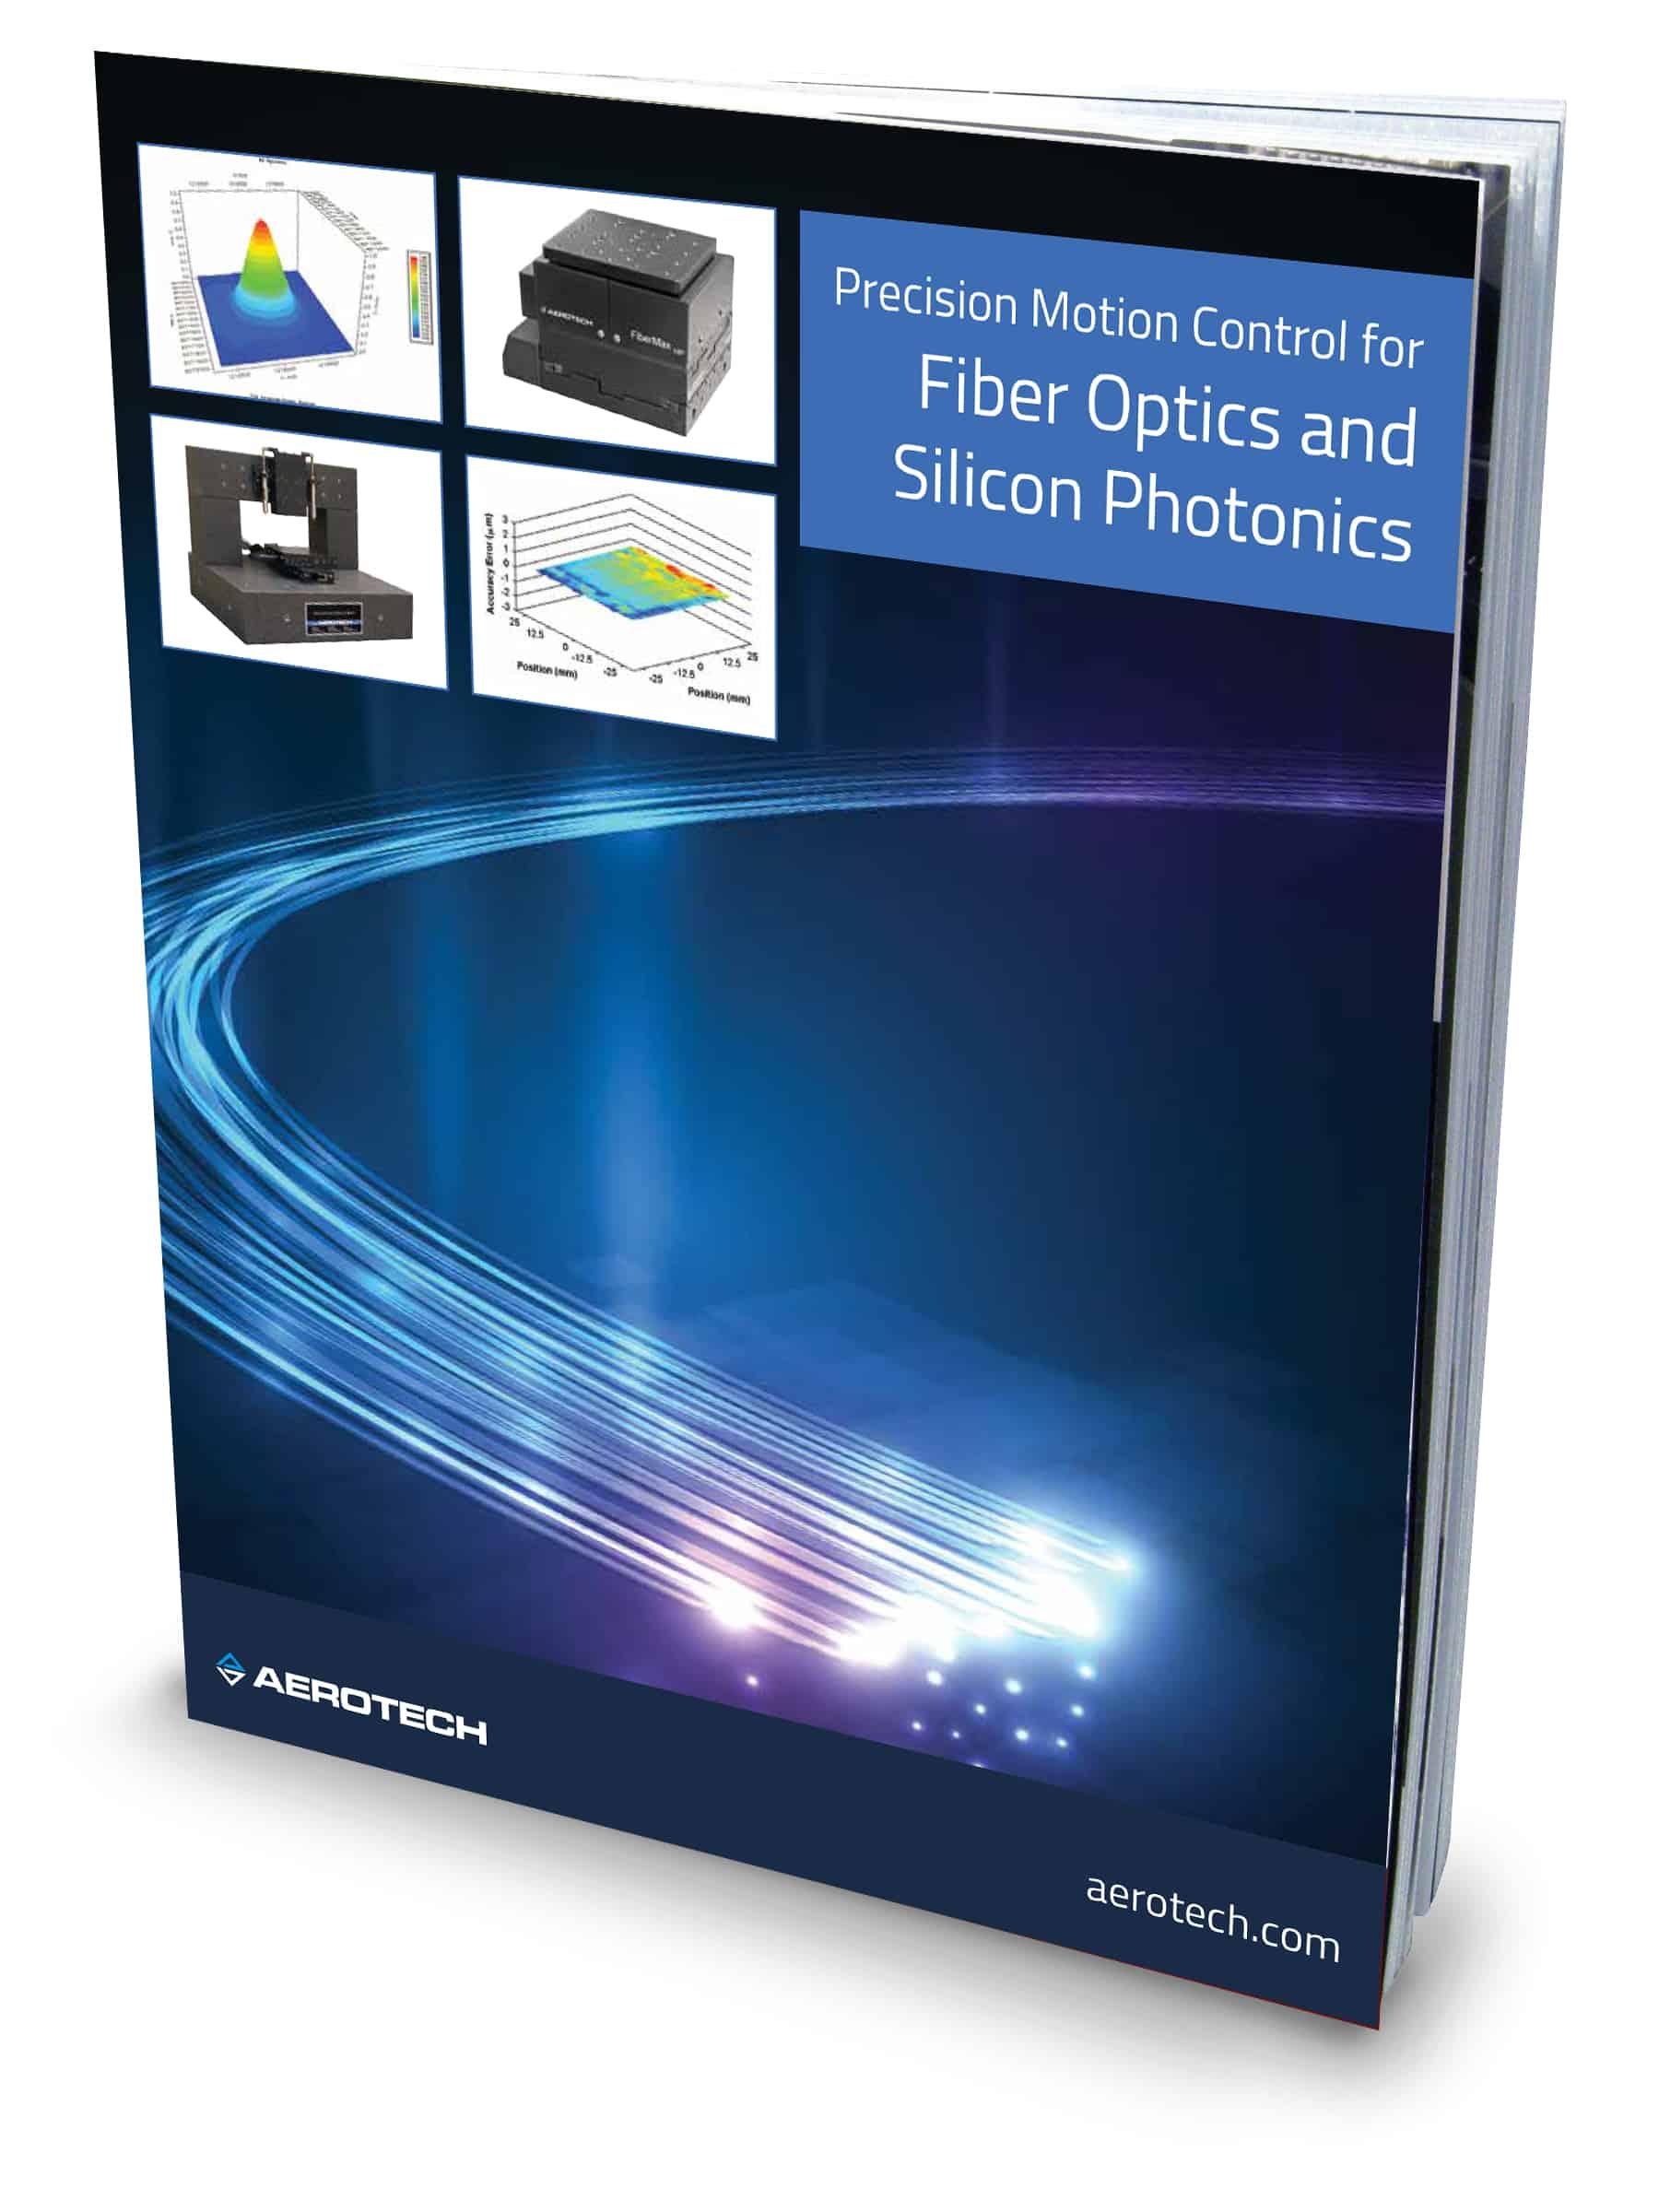 Aerotech Motion Control for Fiber Optics